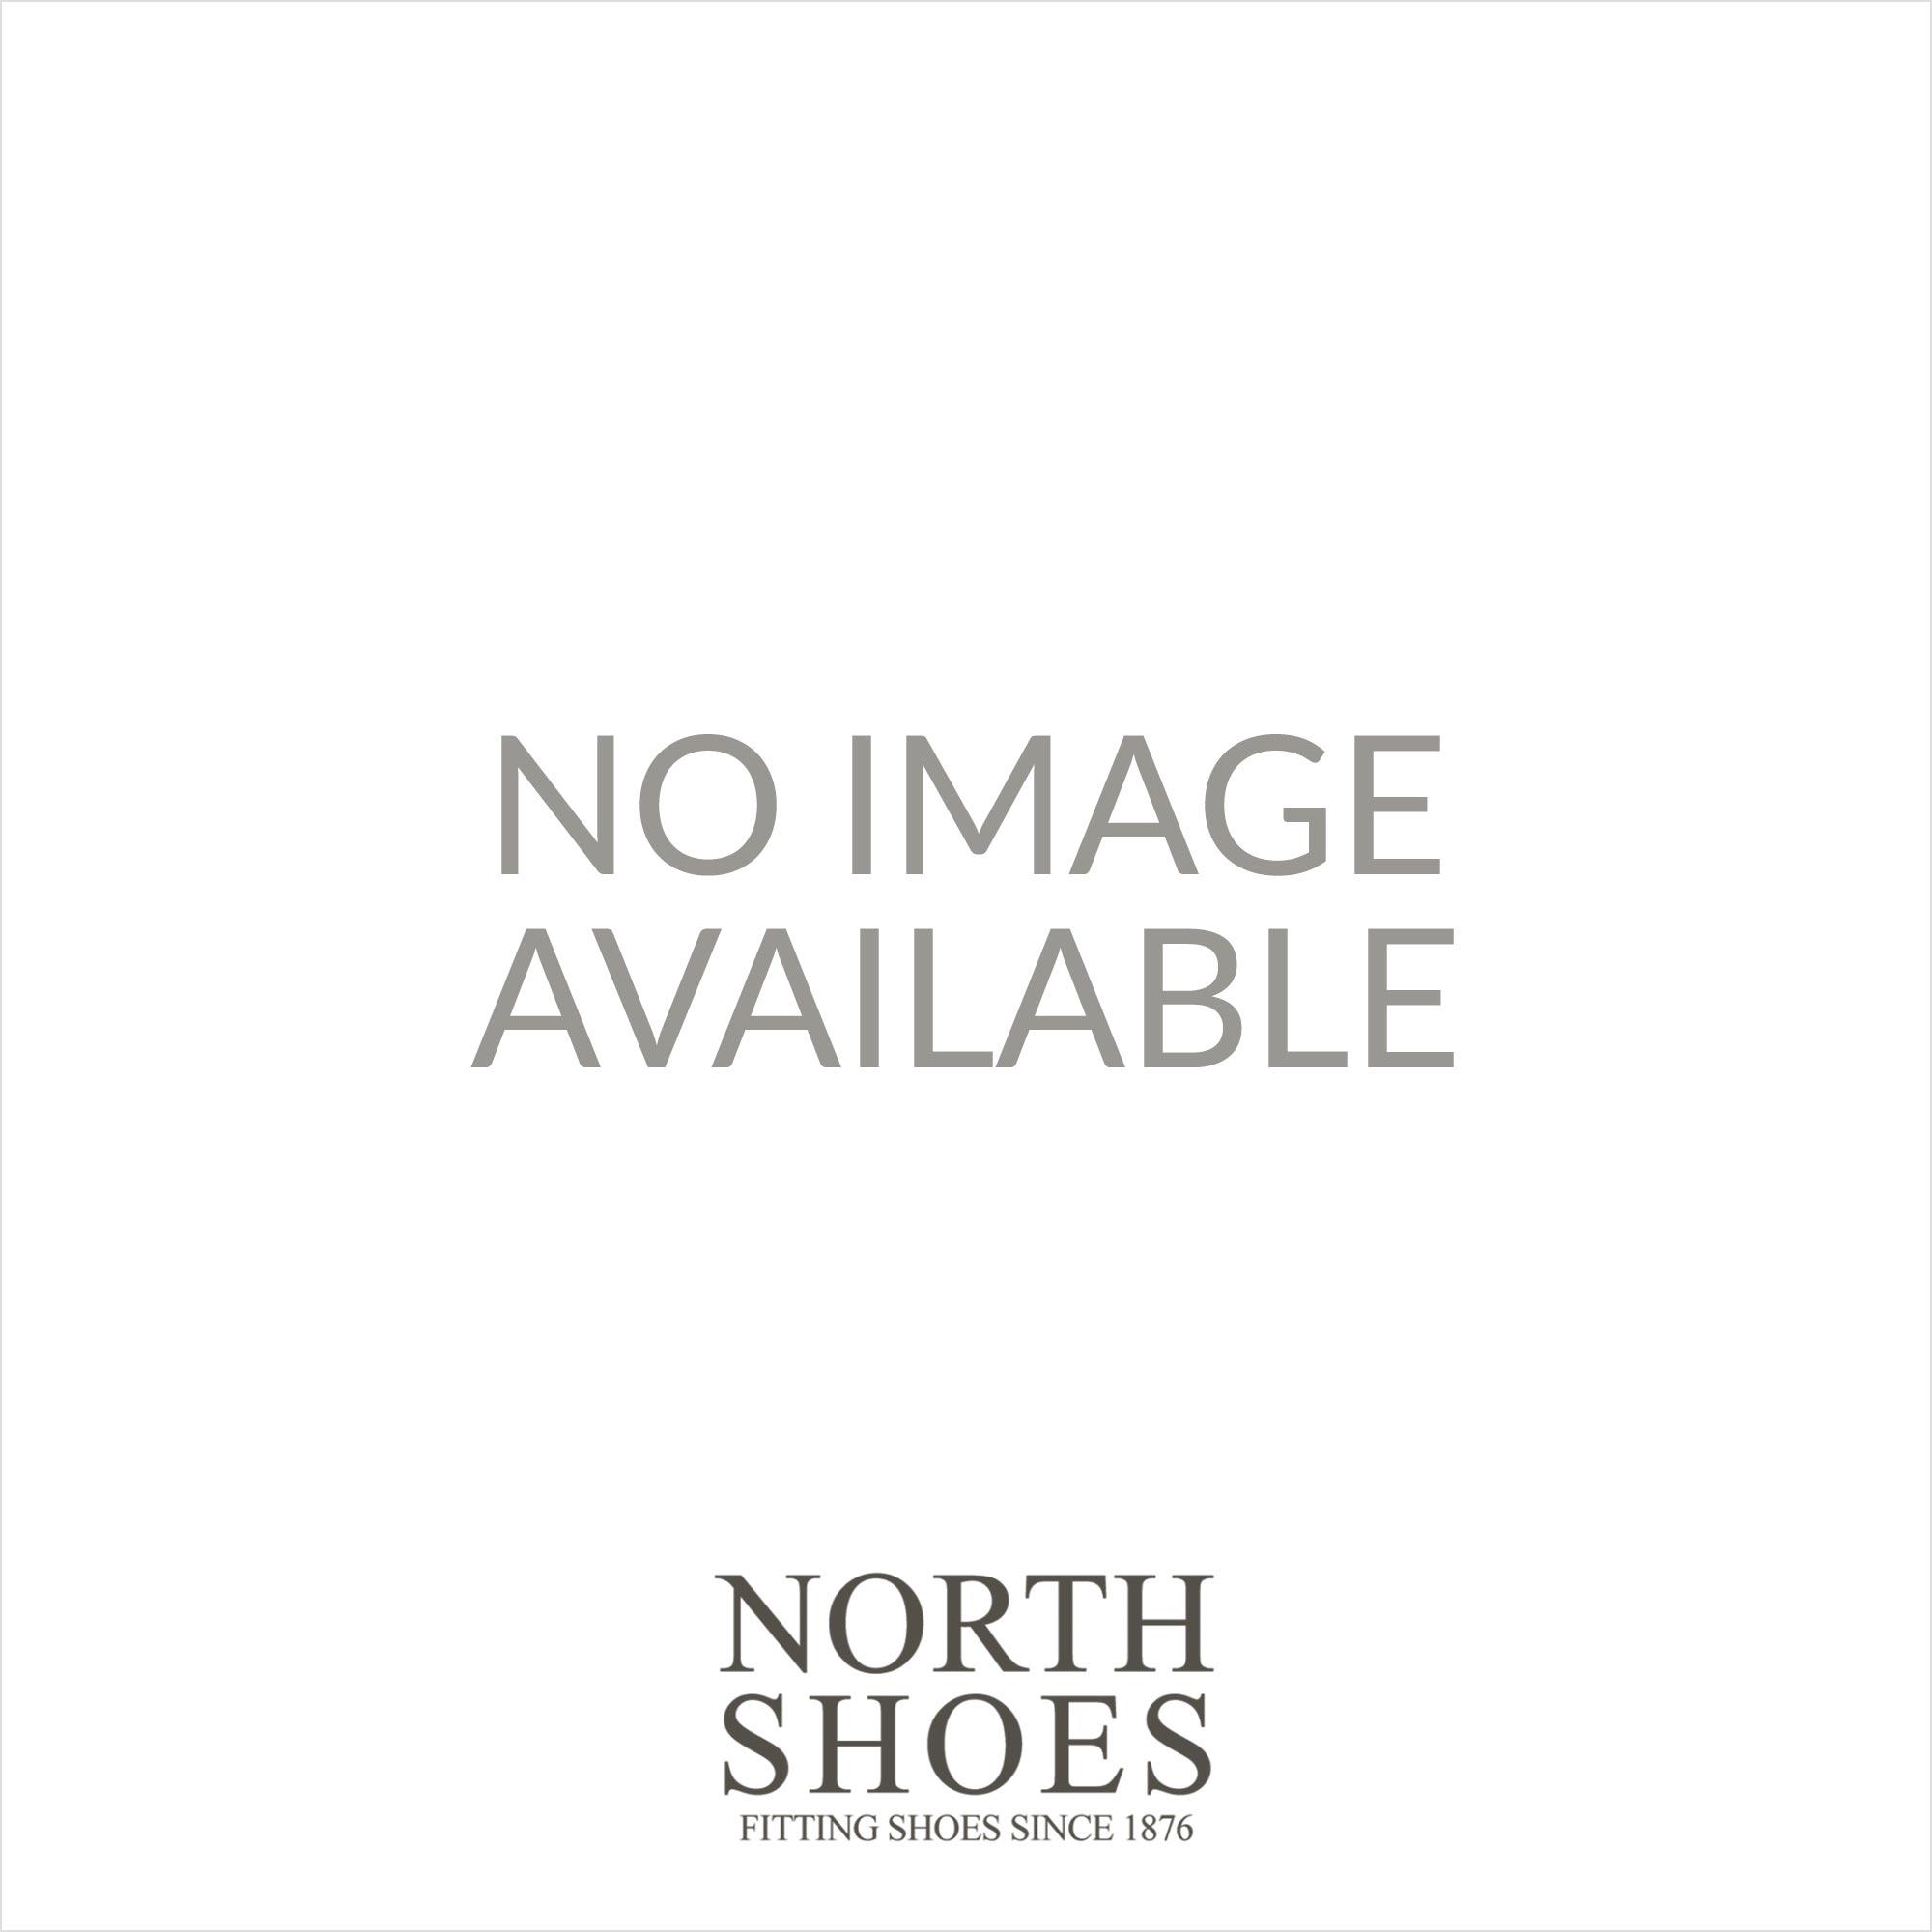 CONVERSE 3J256c White Canvas Unisex Lace Up Shoe